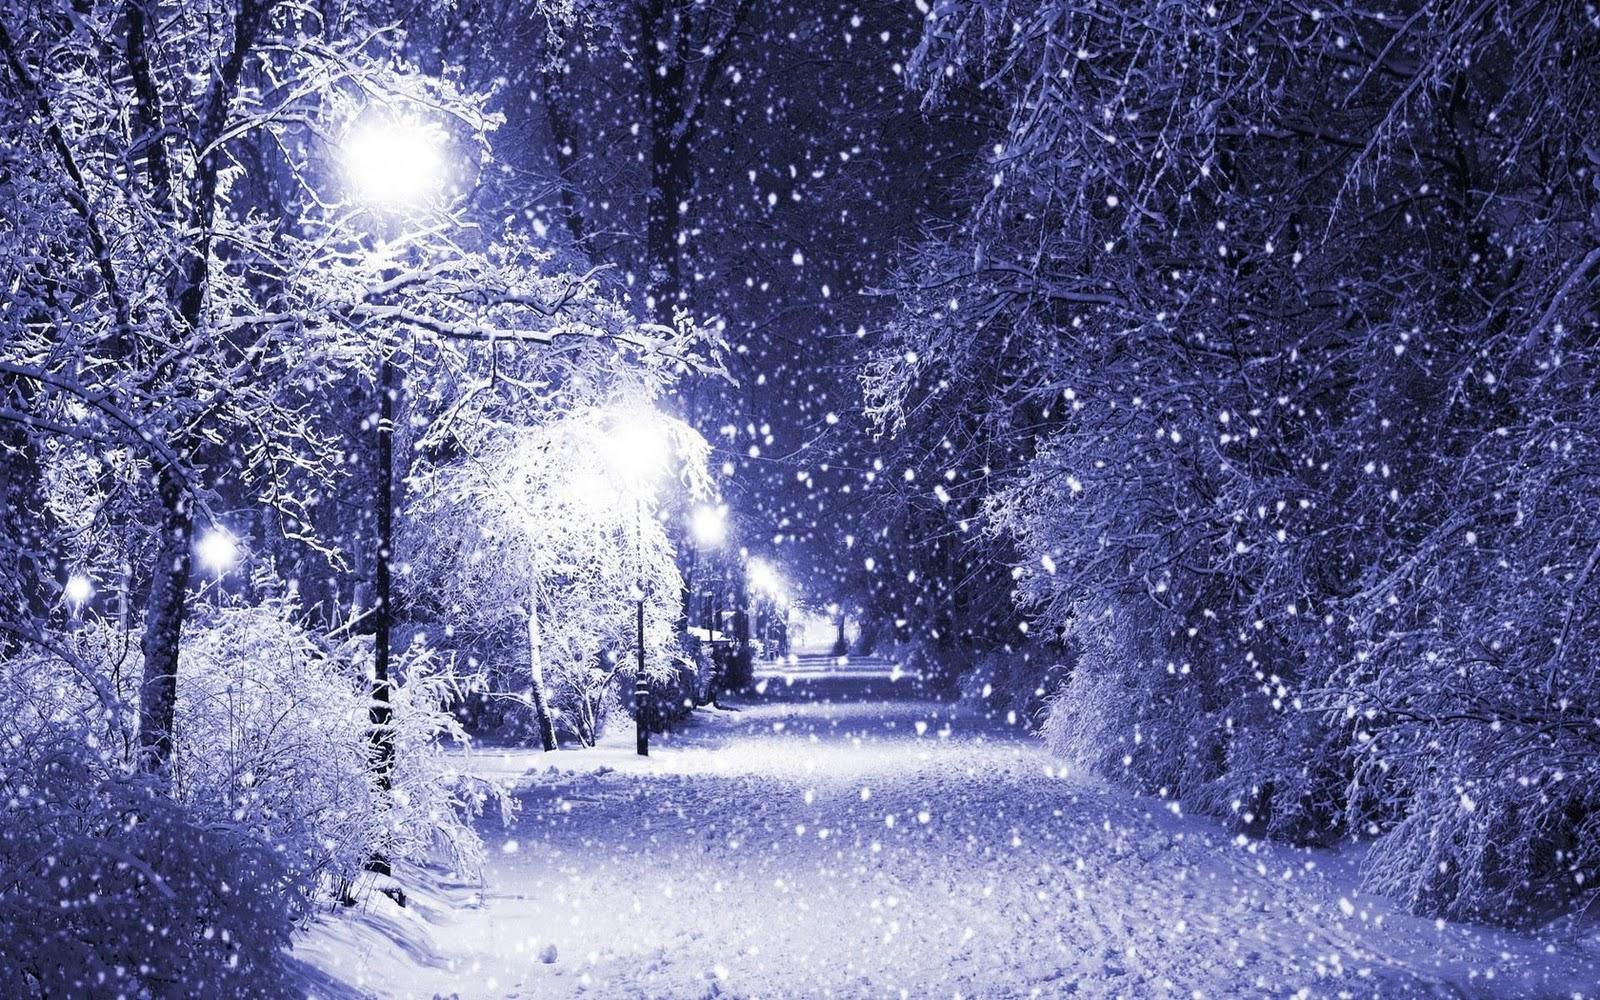 Wallpapers Winter Scenes Group (83+)